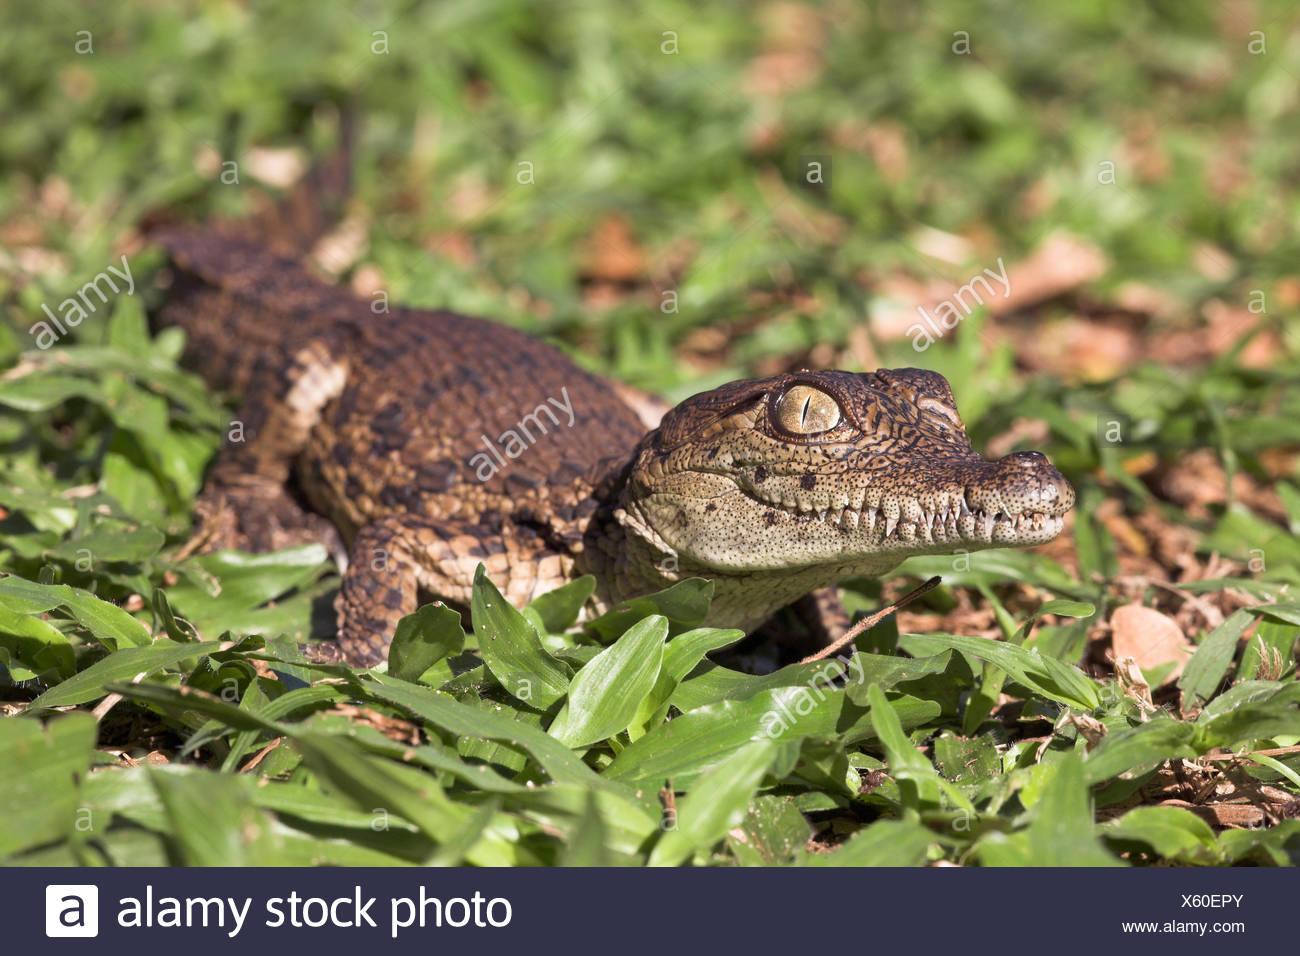 Photo of a nile crocodile hatchling - Stock Image